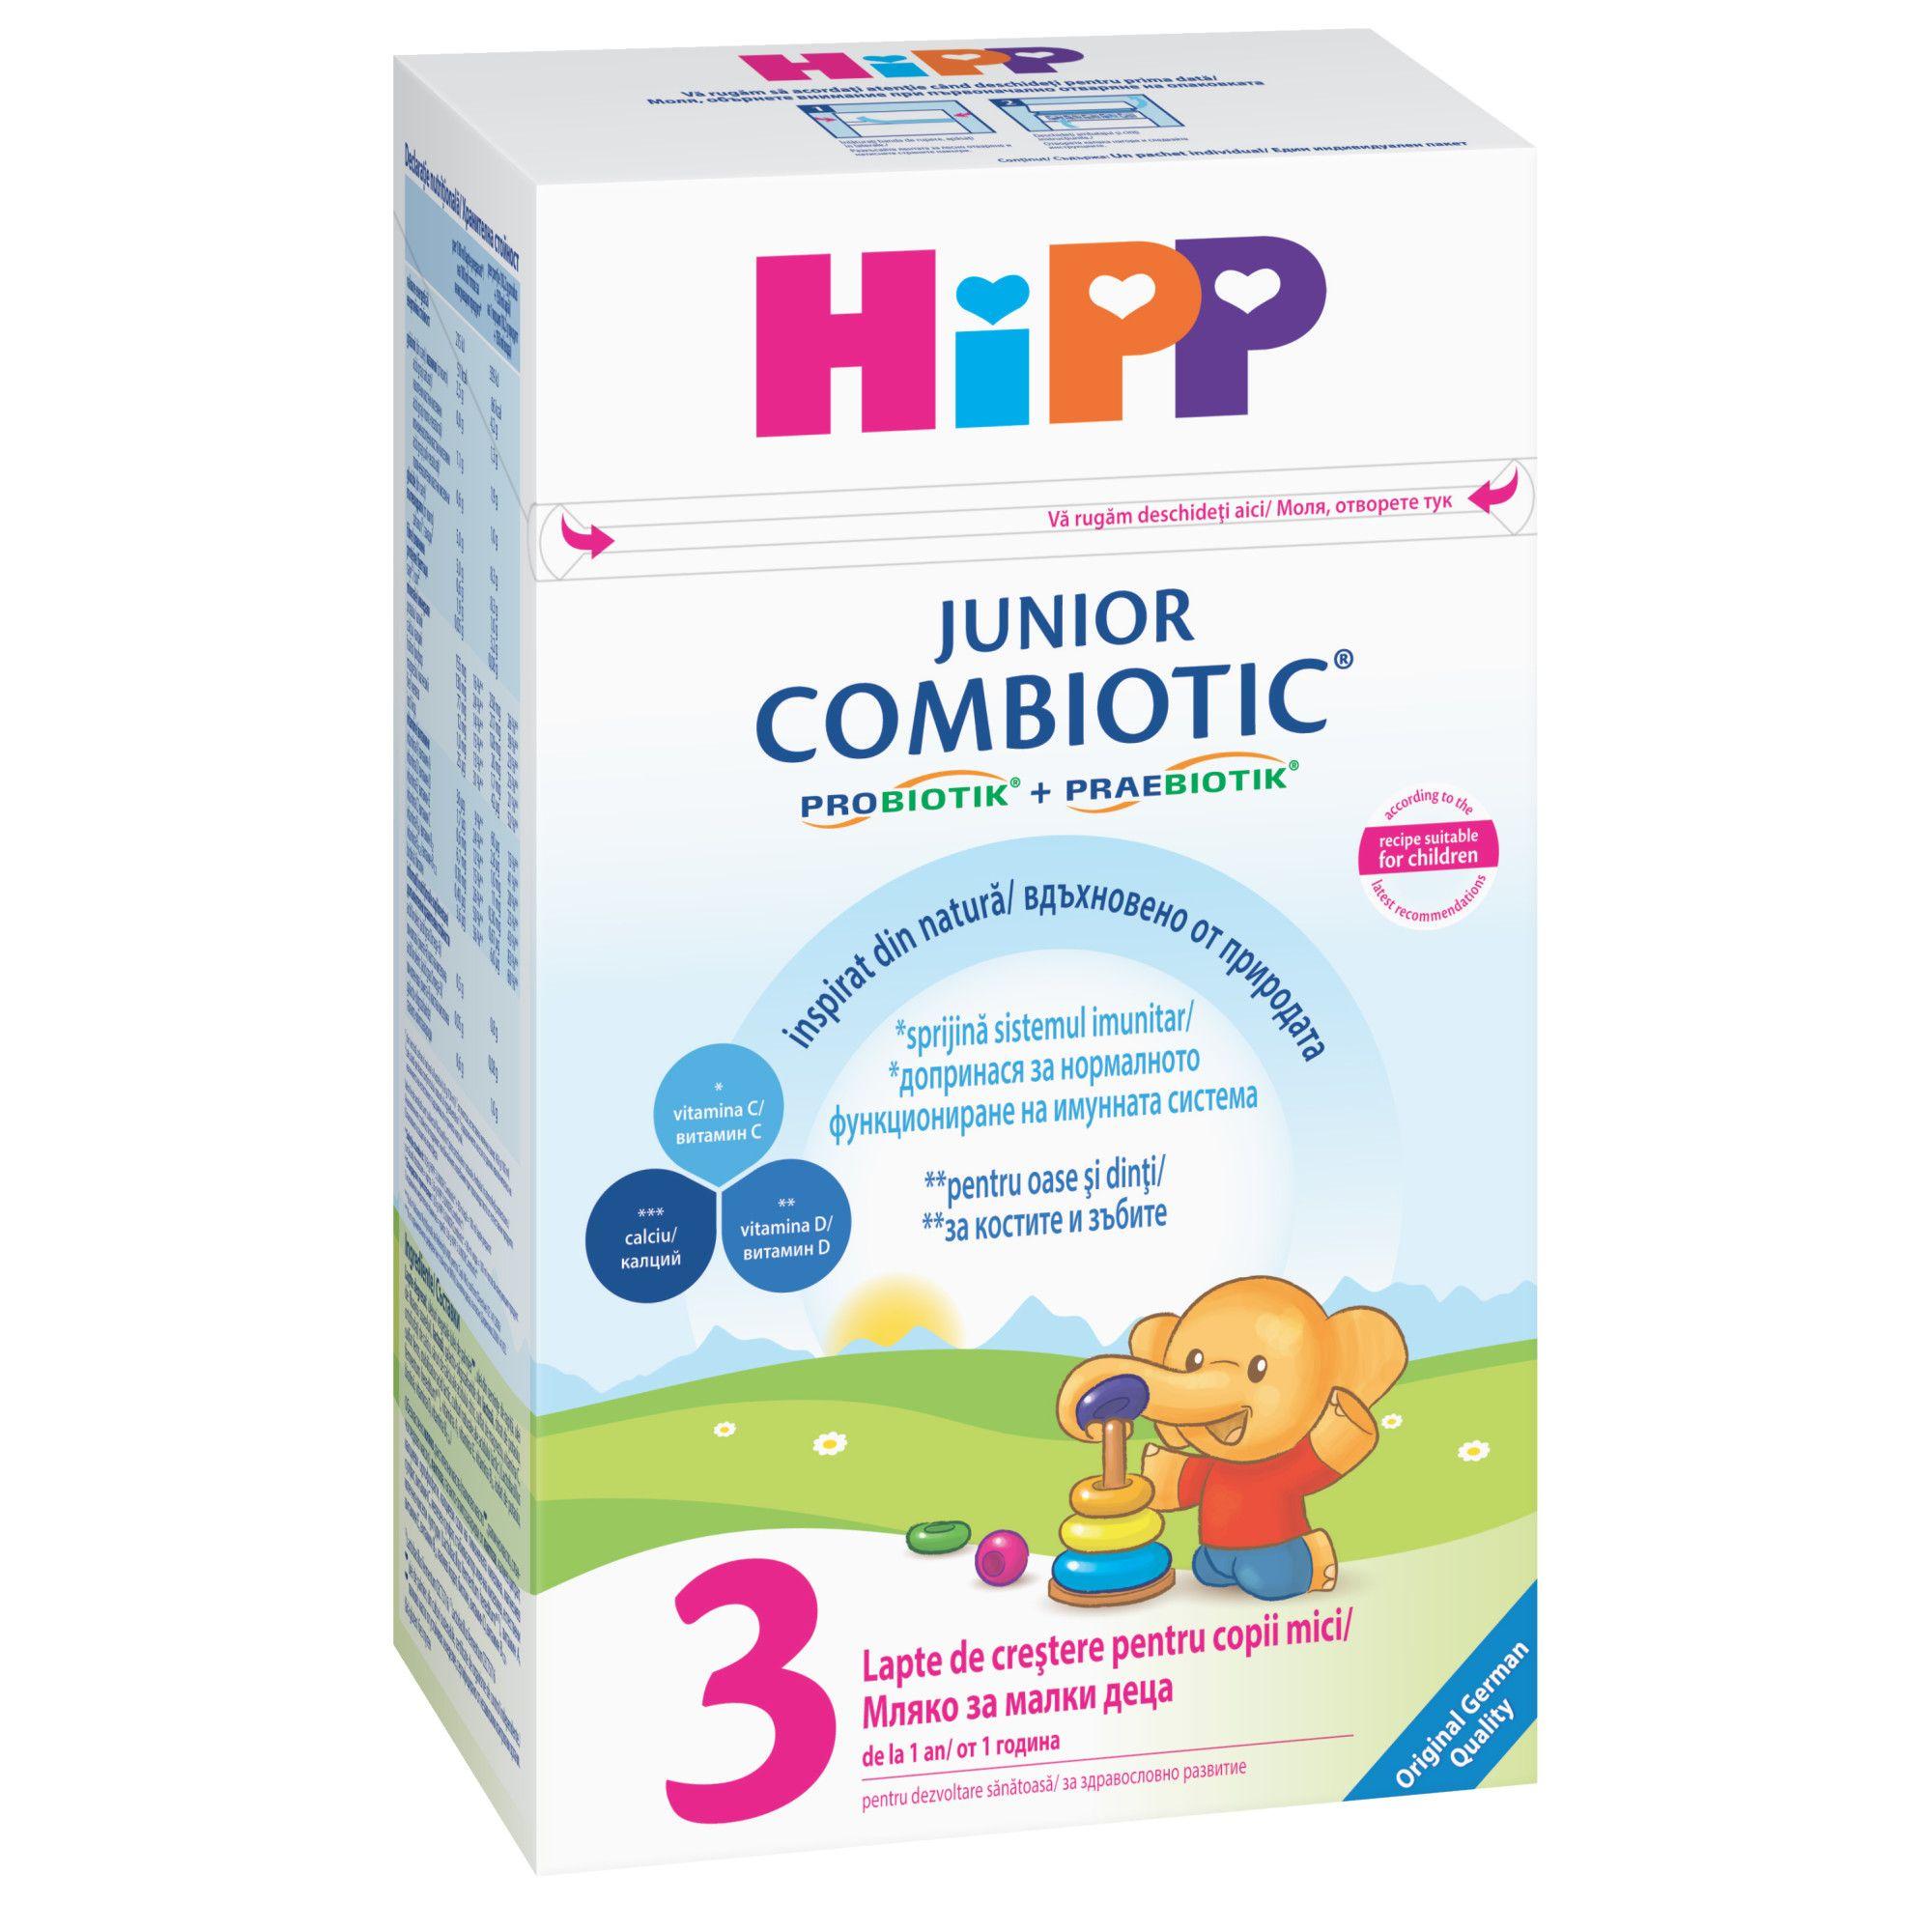 HIPP 3 JR COMBIOTIC LAPTE DE CRESTERE 500G